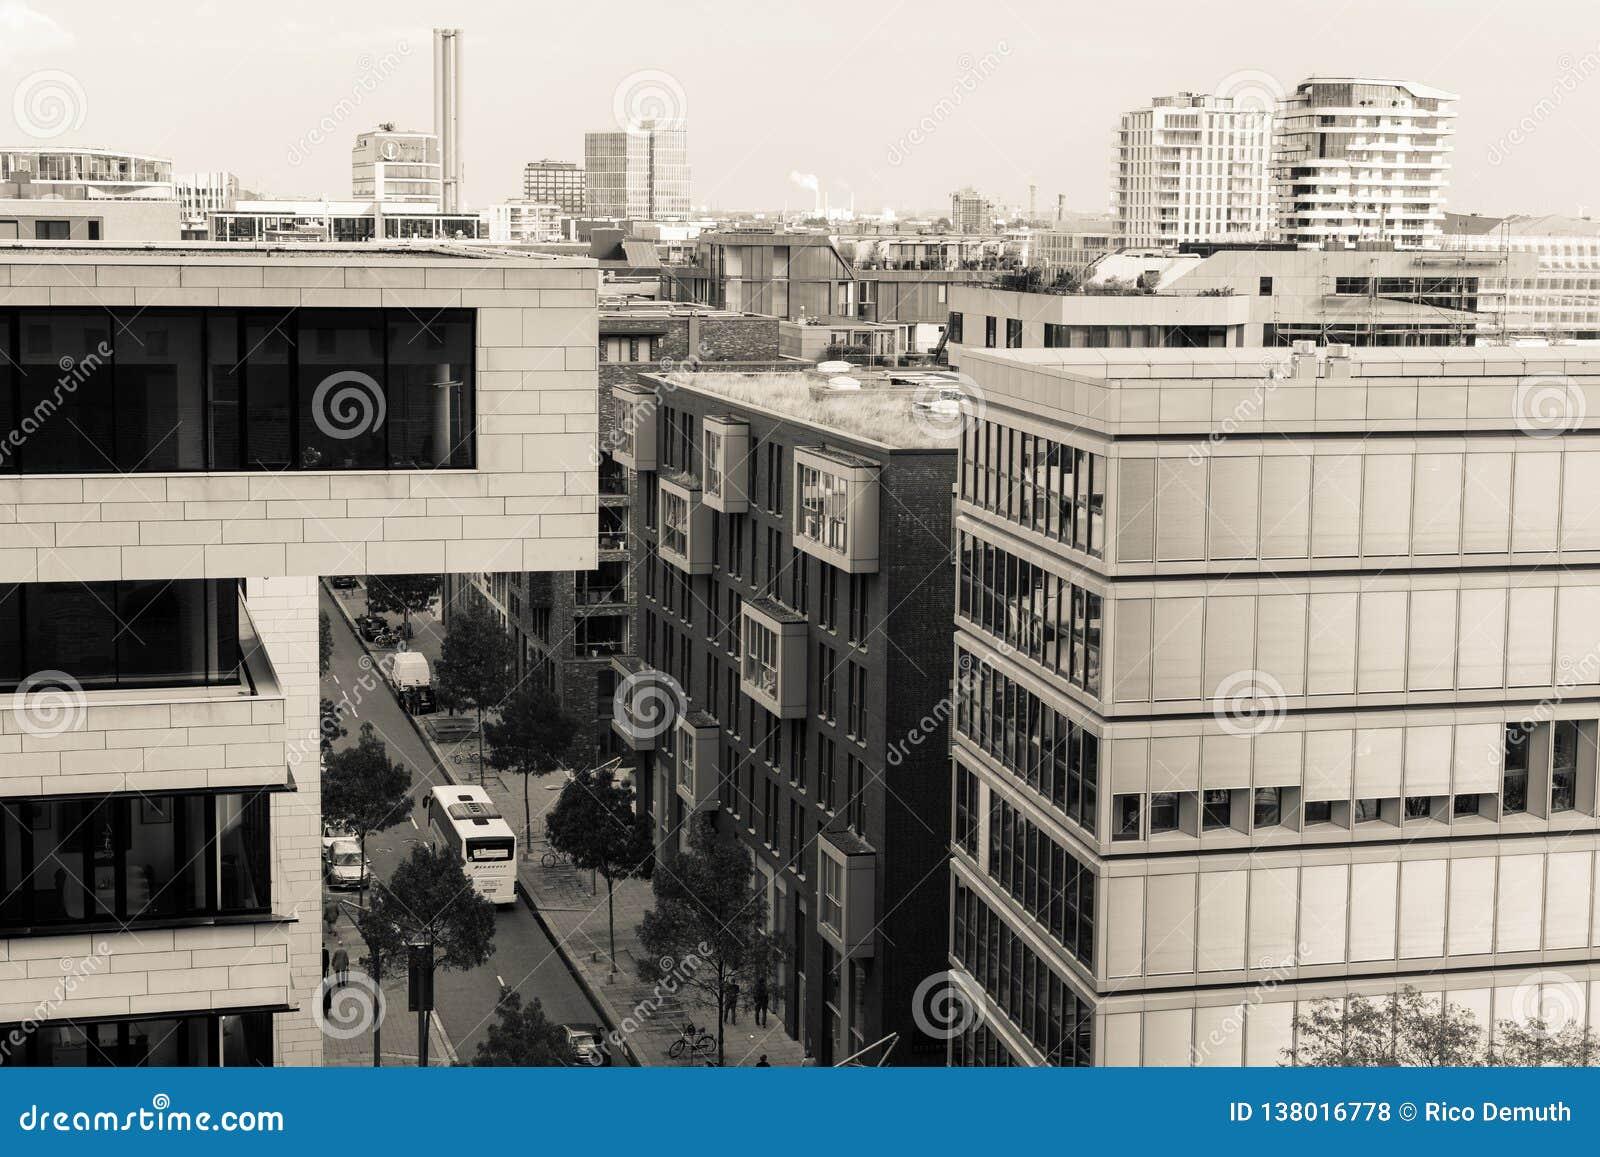 Bürogebäude in Hamburg mit Ansicht der Straße